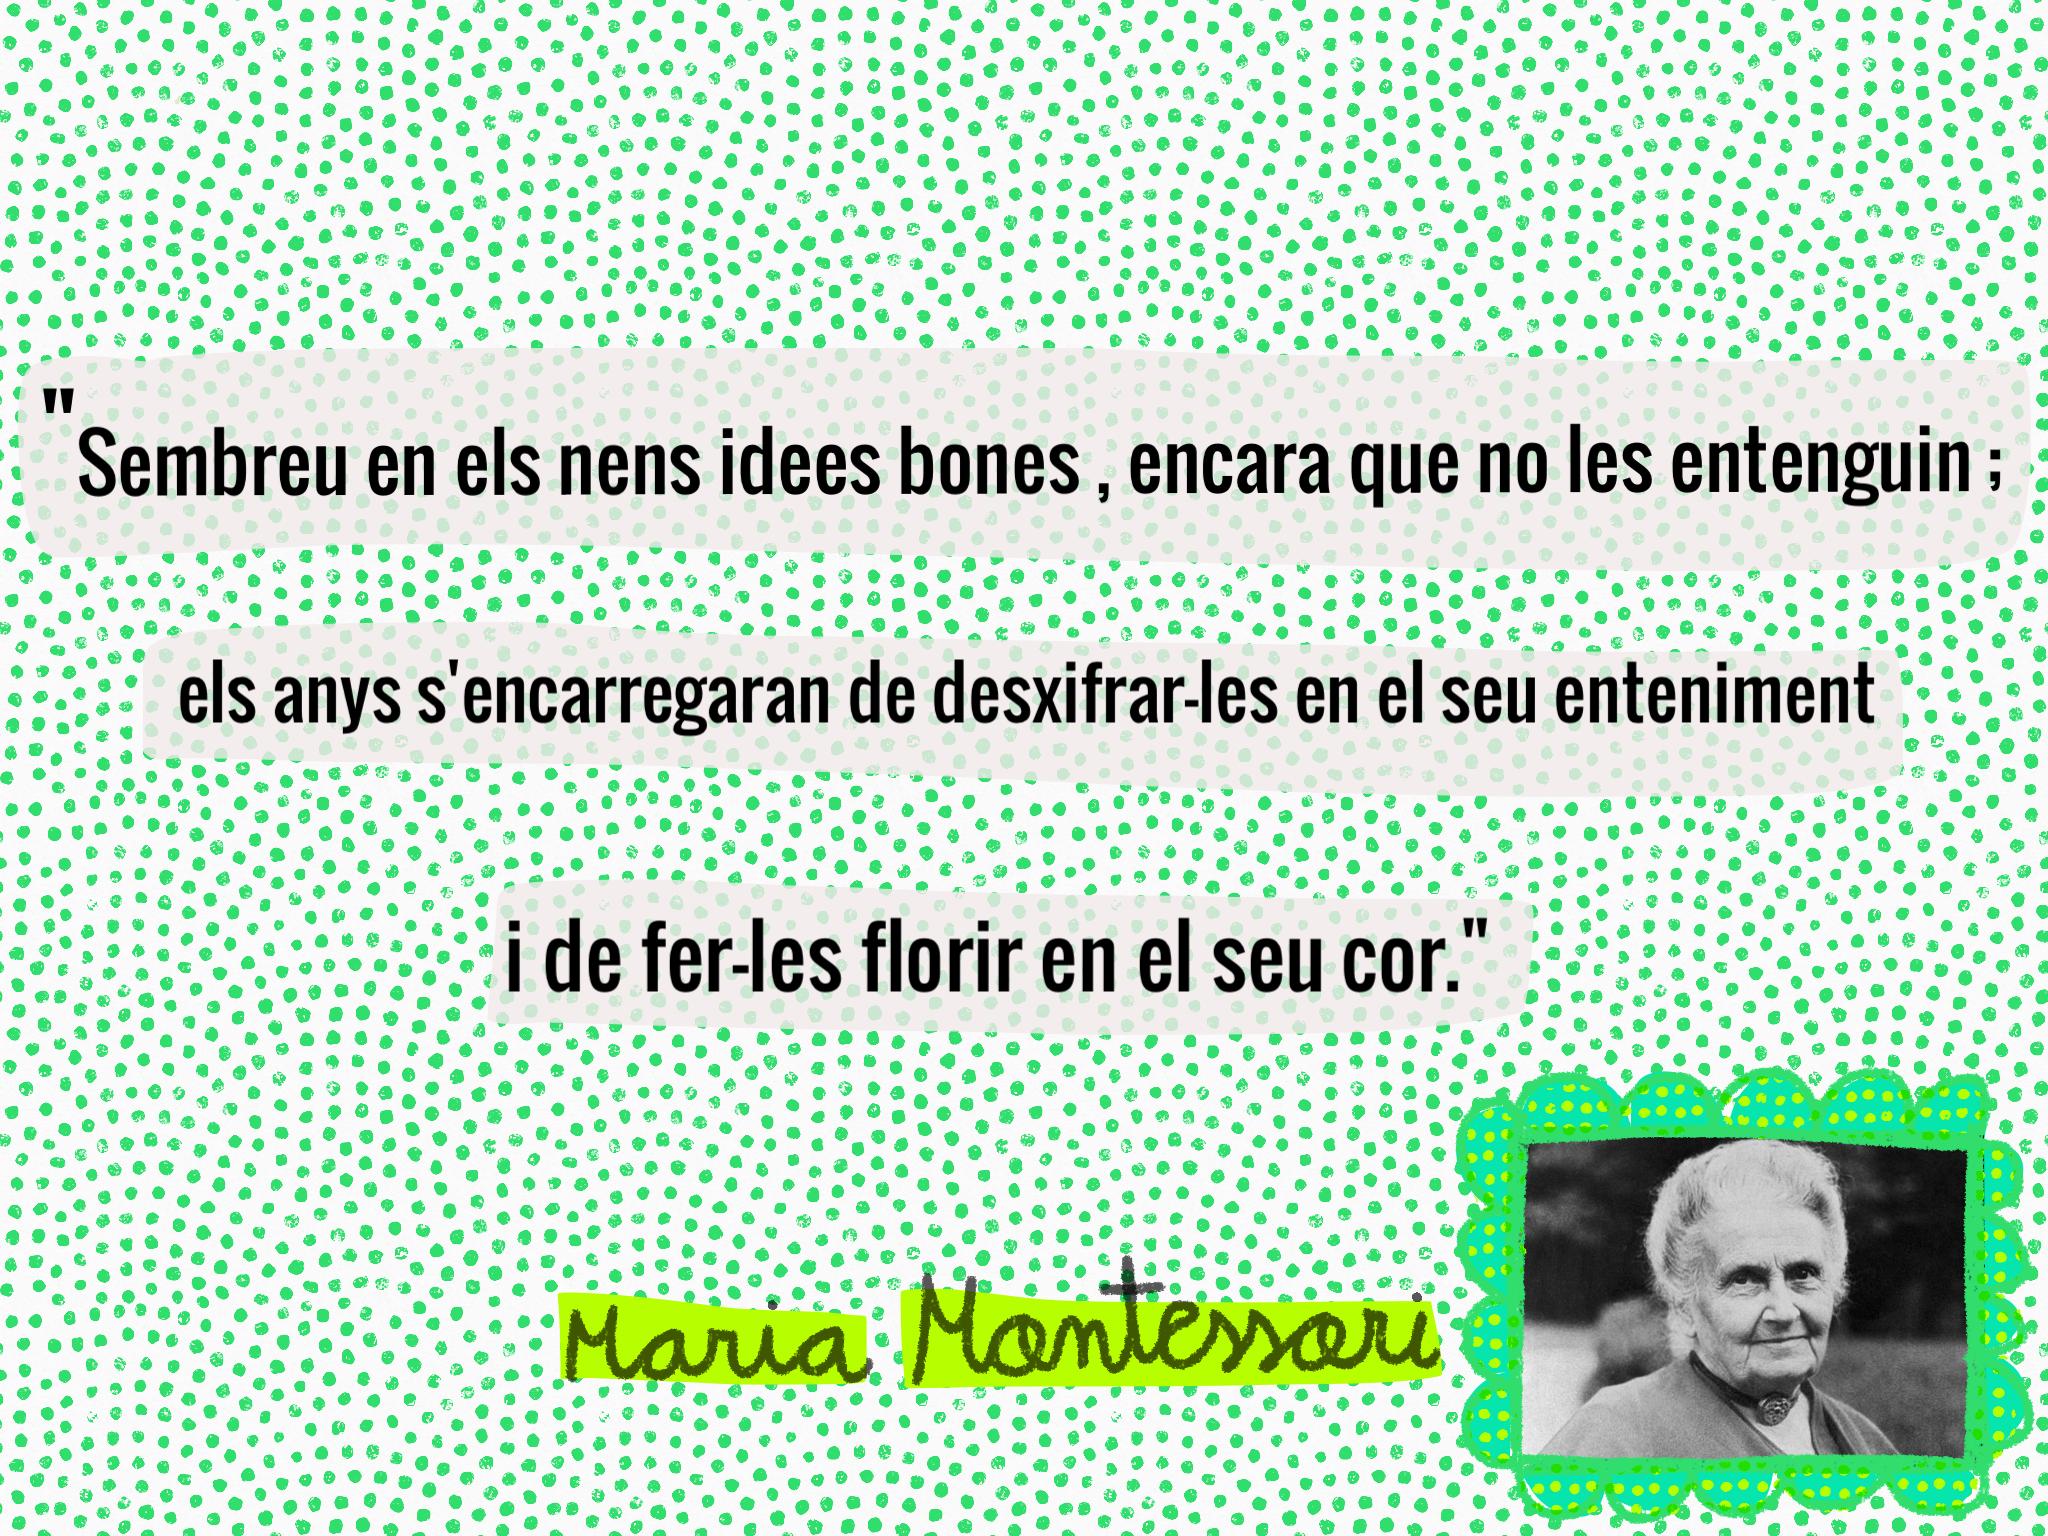 Maria Montessori Inspira Als Mestres A La Nostra Escola